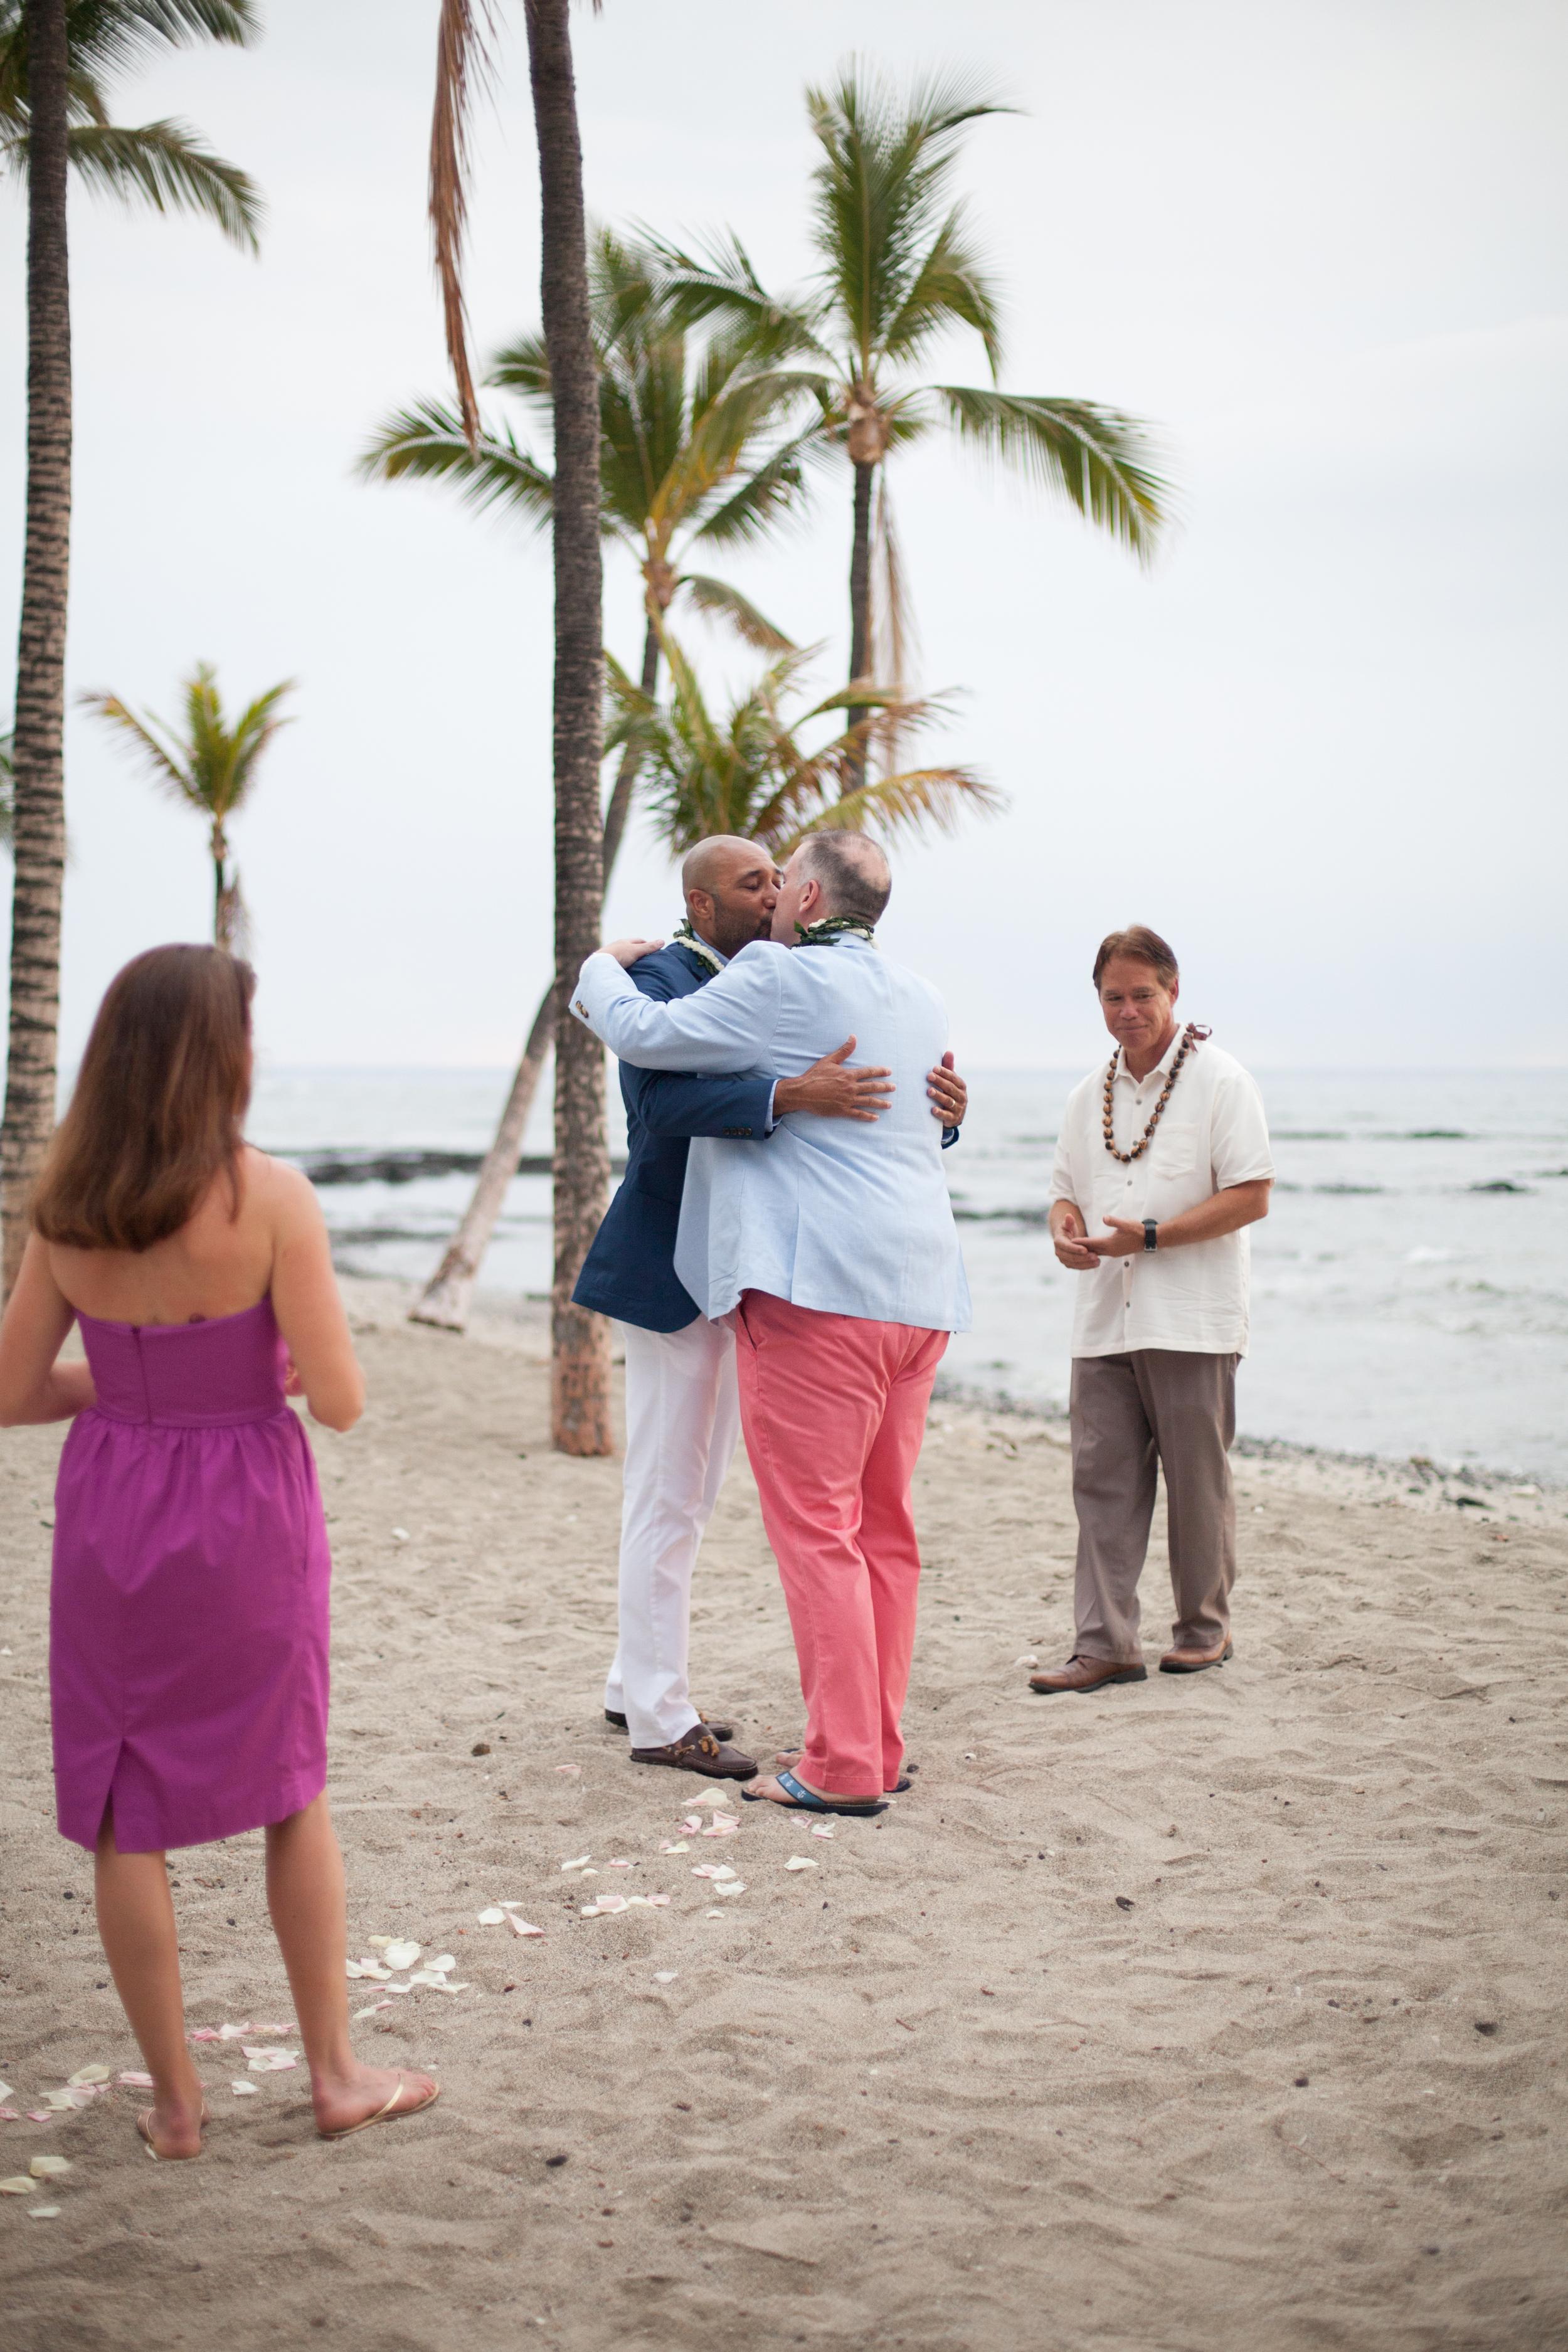 big island hawaii rmauna lani beach wedding © kelilina photography 20160601183534-3.jpg